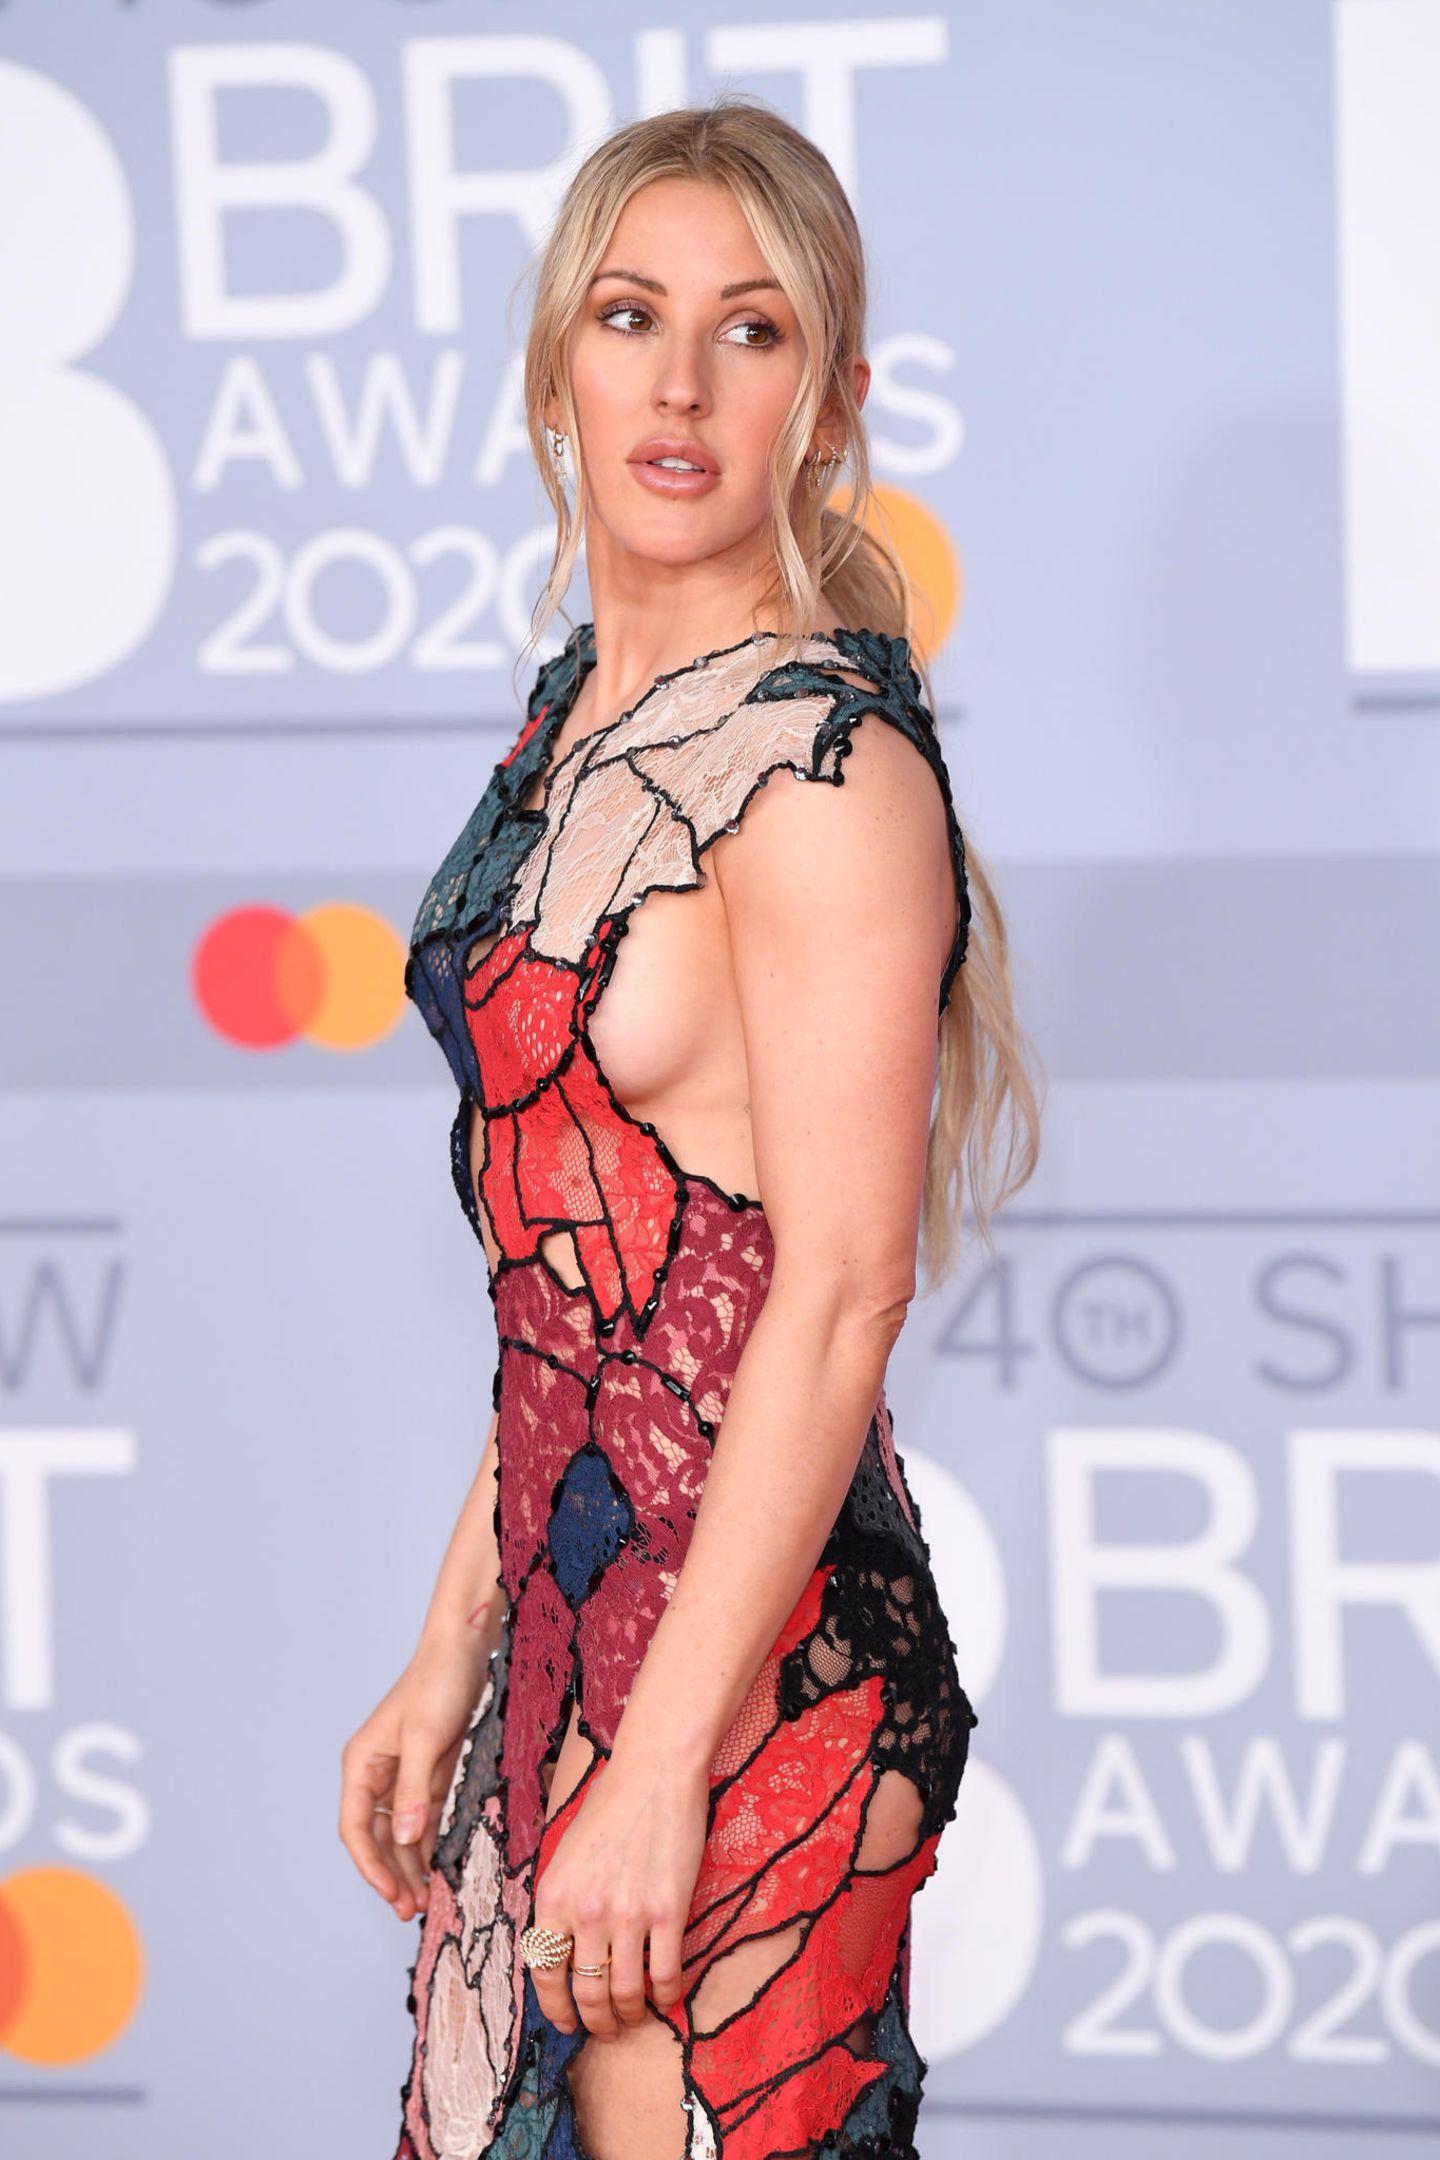 ... gewährt die britische Sängerin ebenfalls tiefe Einblicke. Doch wenn eine das extravagante Kleid des Labels Koche tragen kann, dann ist es Ellie Goulding.